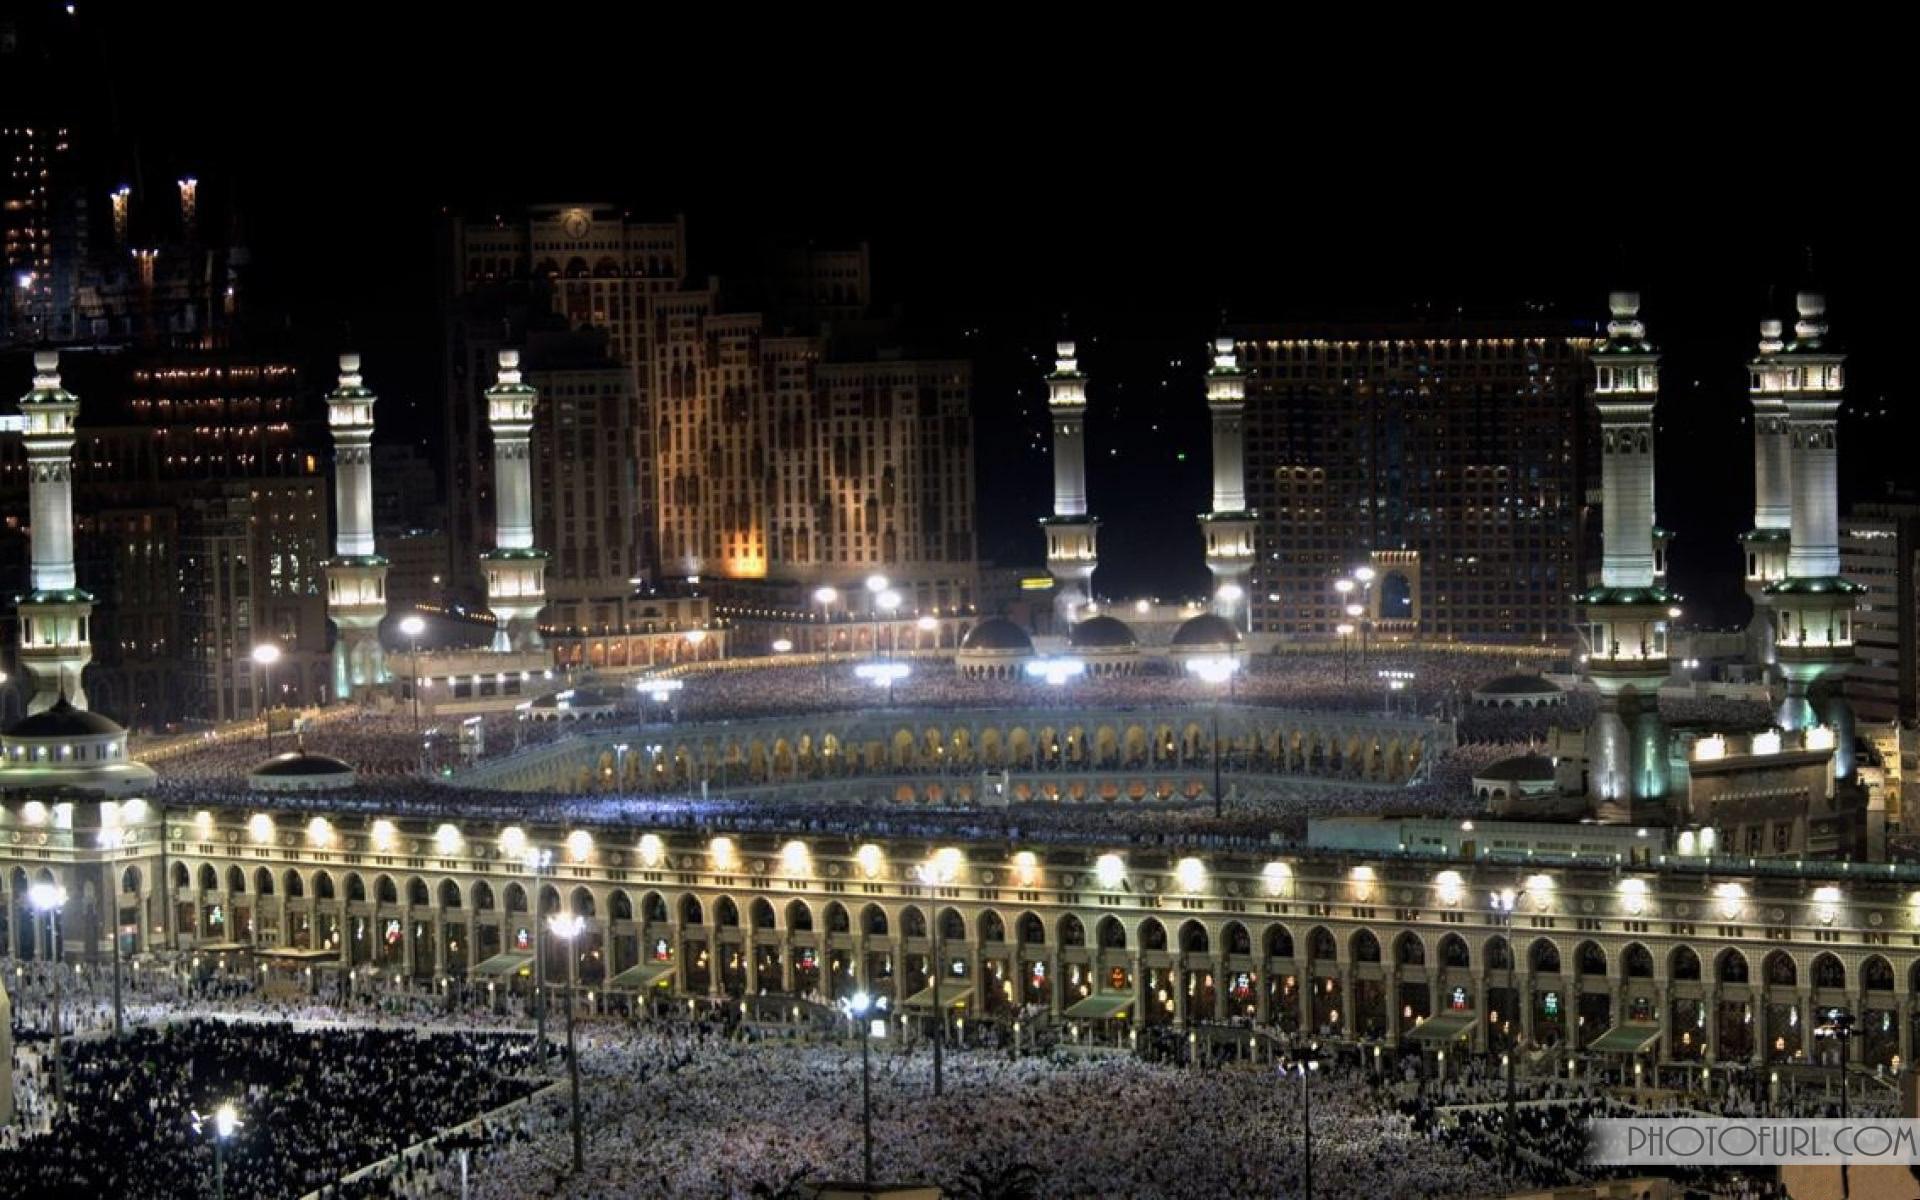 Makkah Wallpaper 56 Images